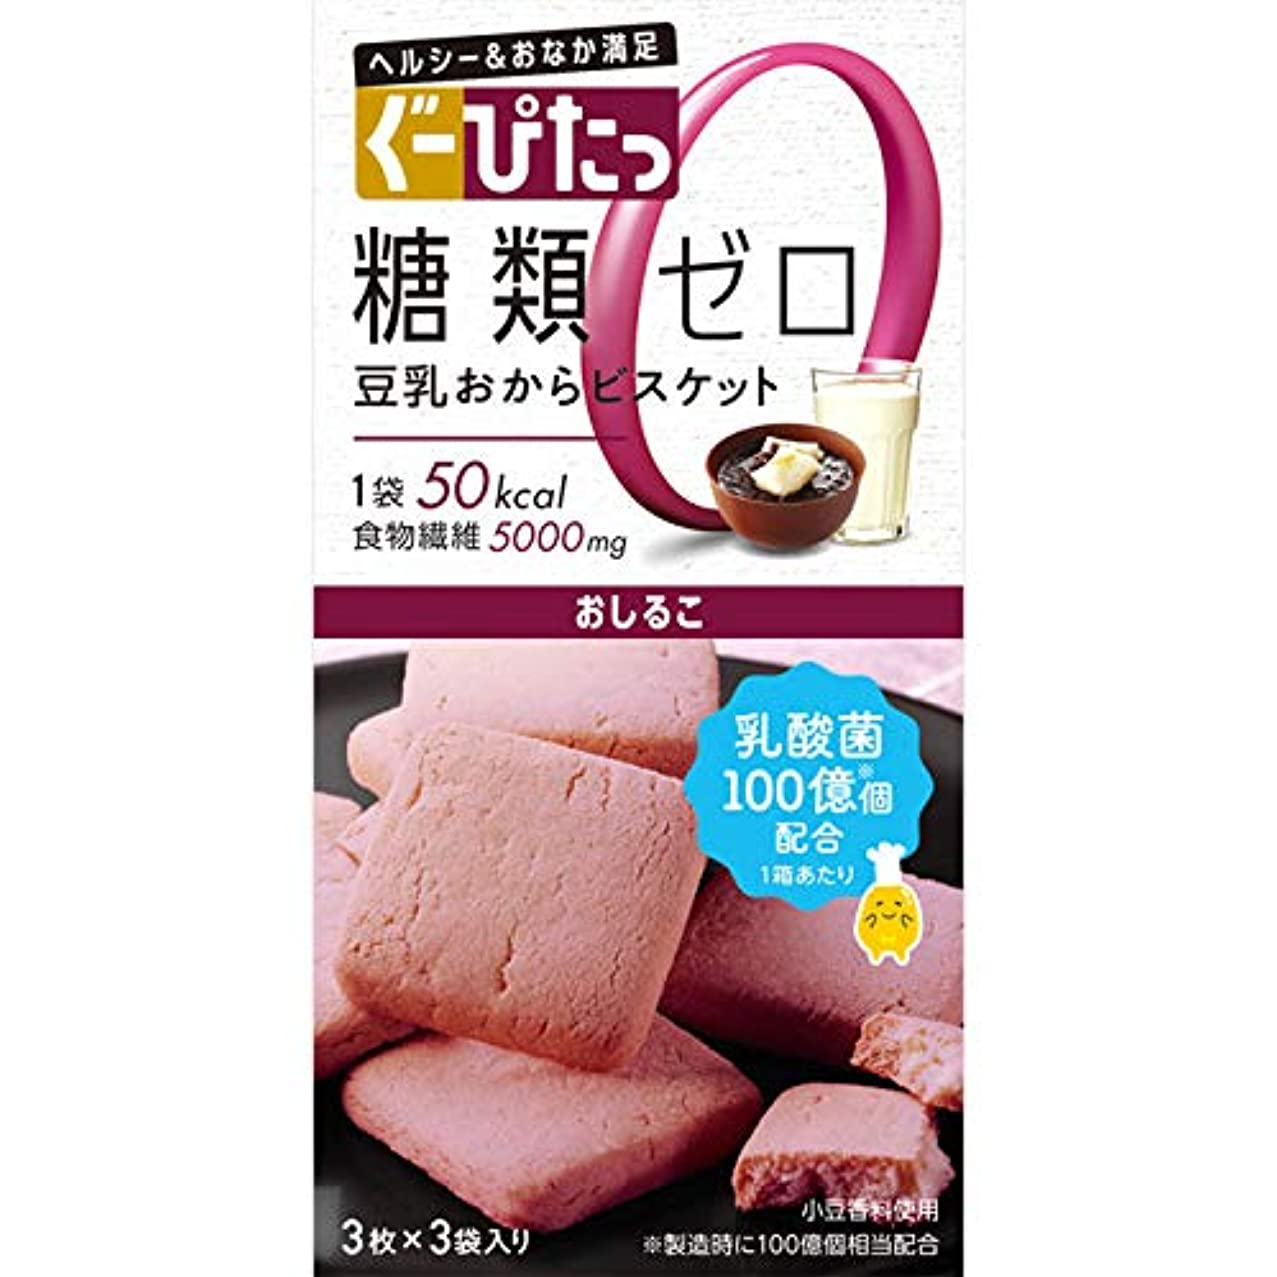 メディアモート裕福なナリスアップ ぐーぴたっ 豆乳おからビスケット おしるこ (3枚×3袋) ダイエット食品